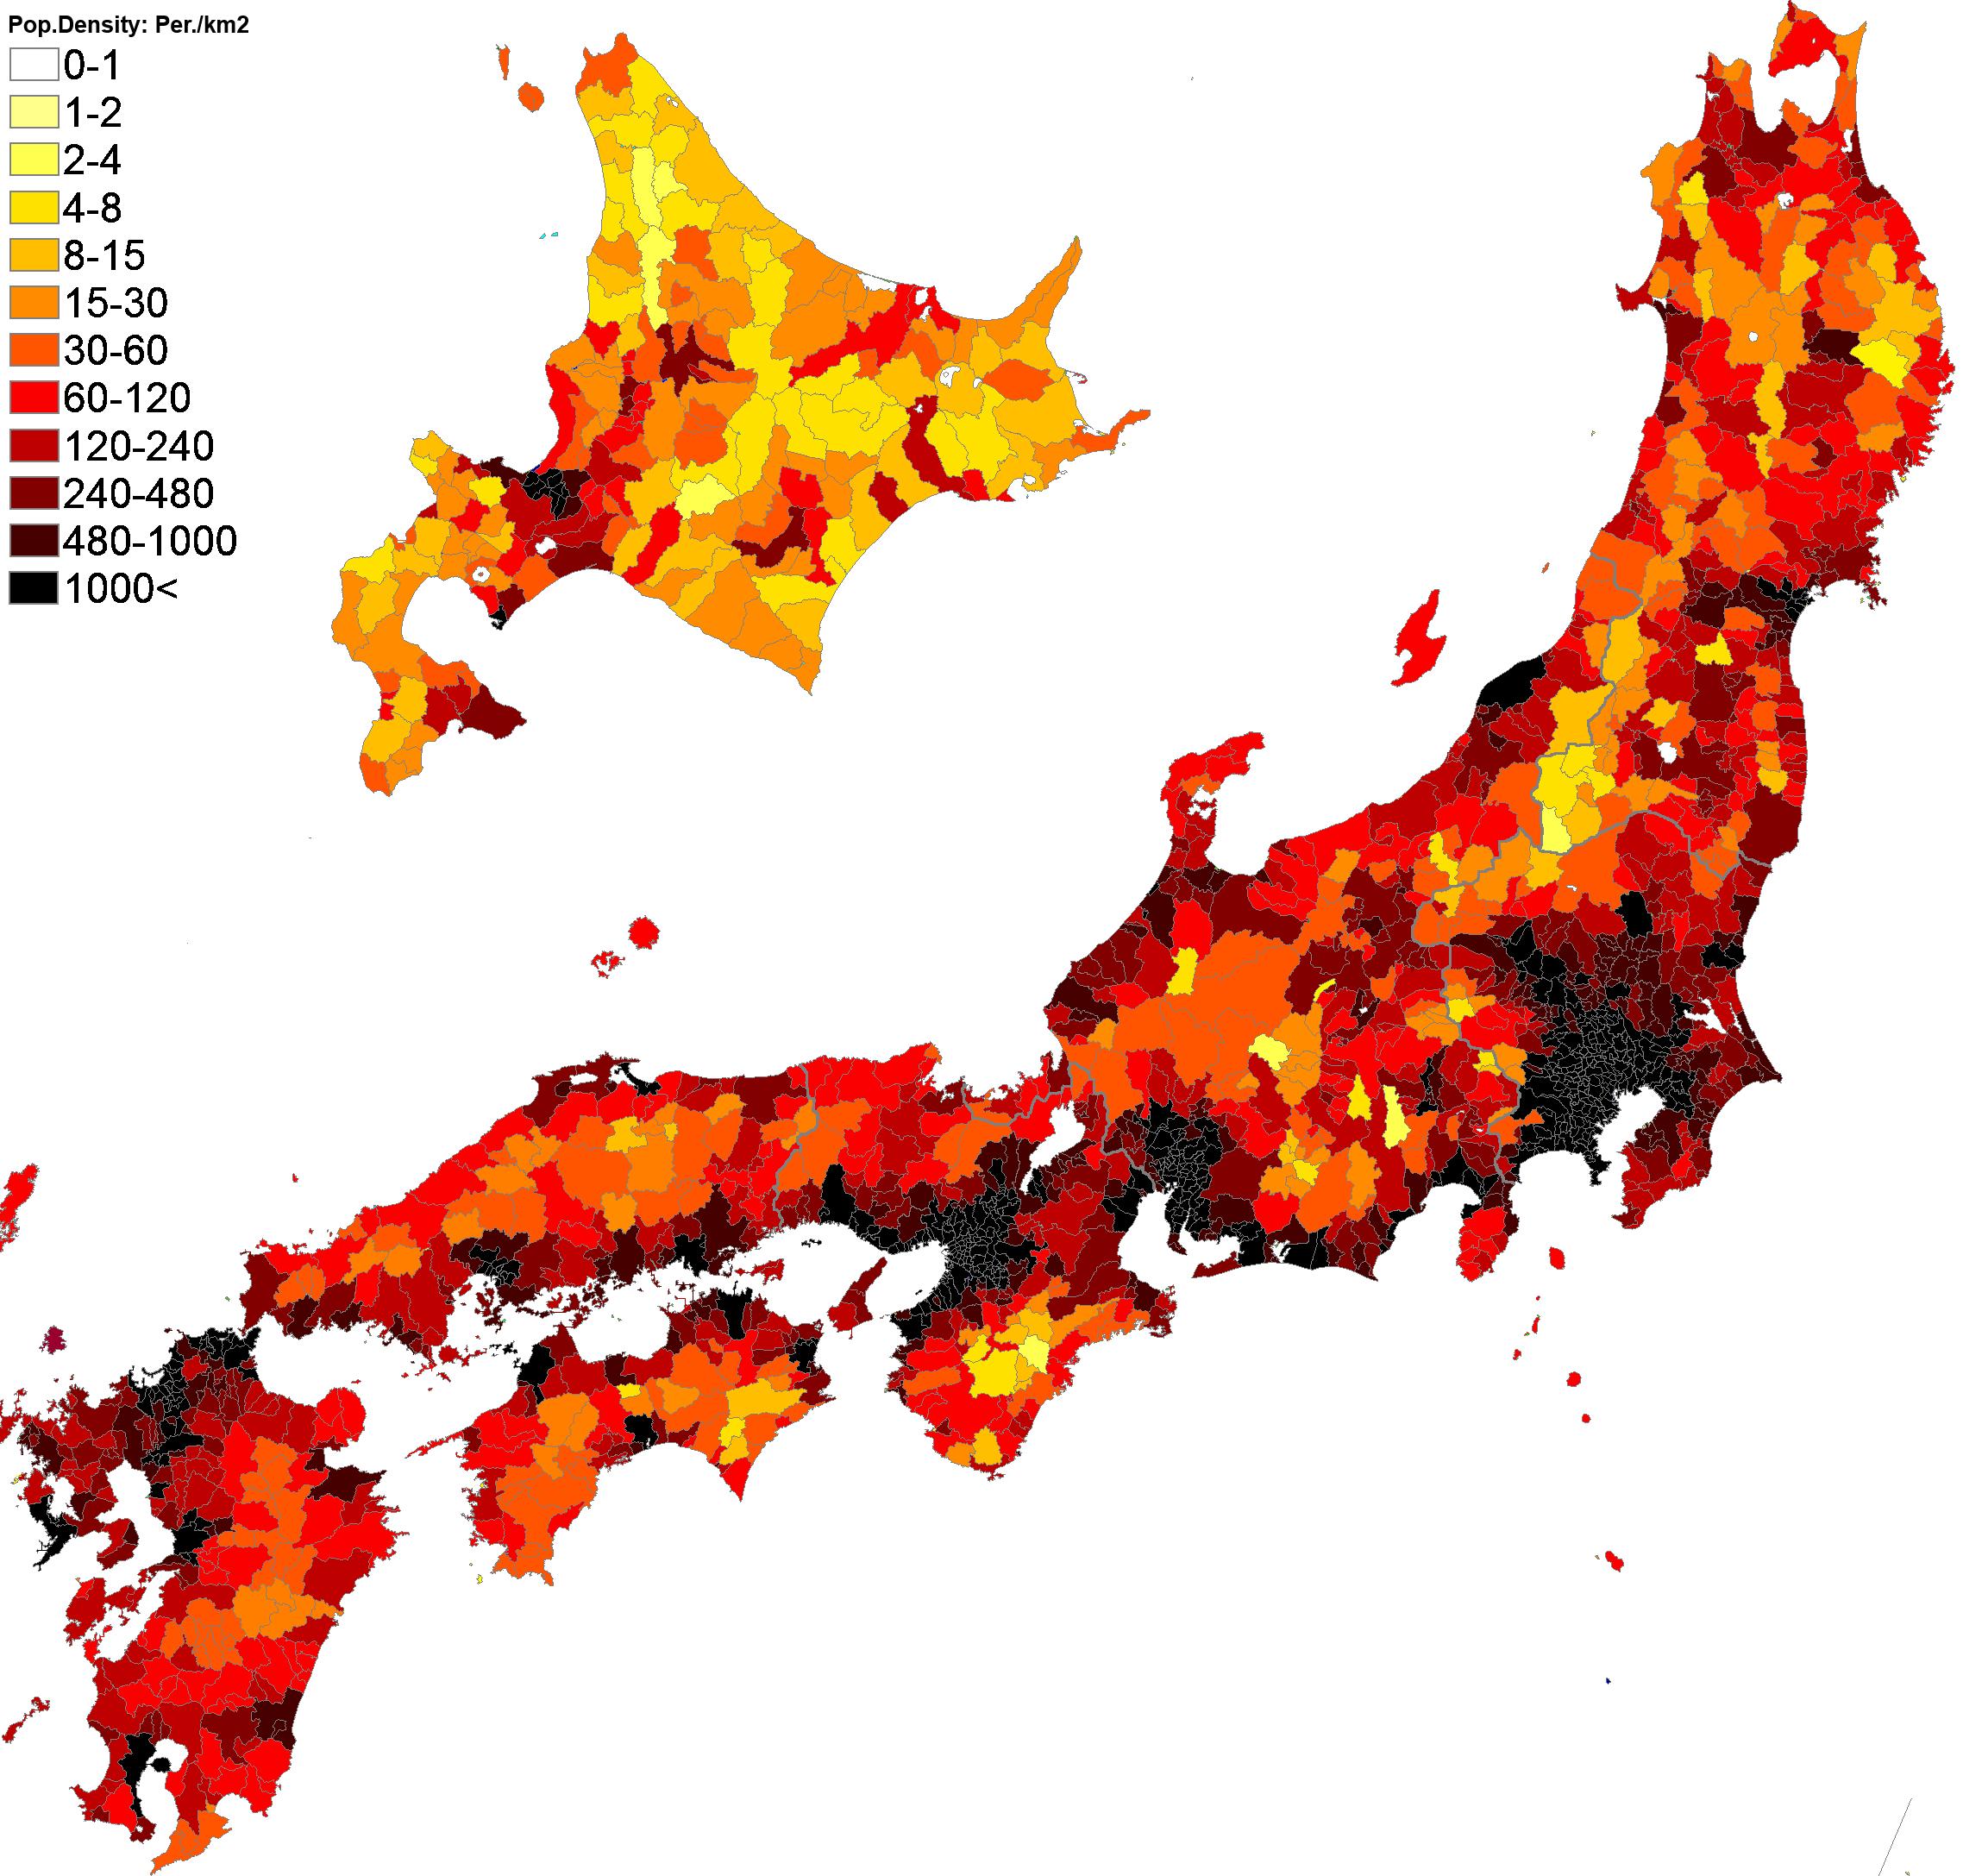 Population Density Administrative Boundaries Map Of Japan - Japan map 2017